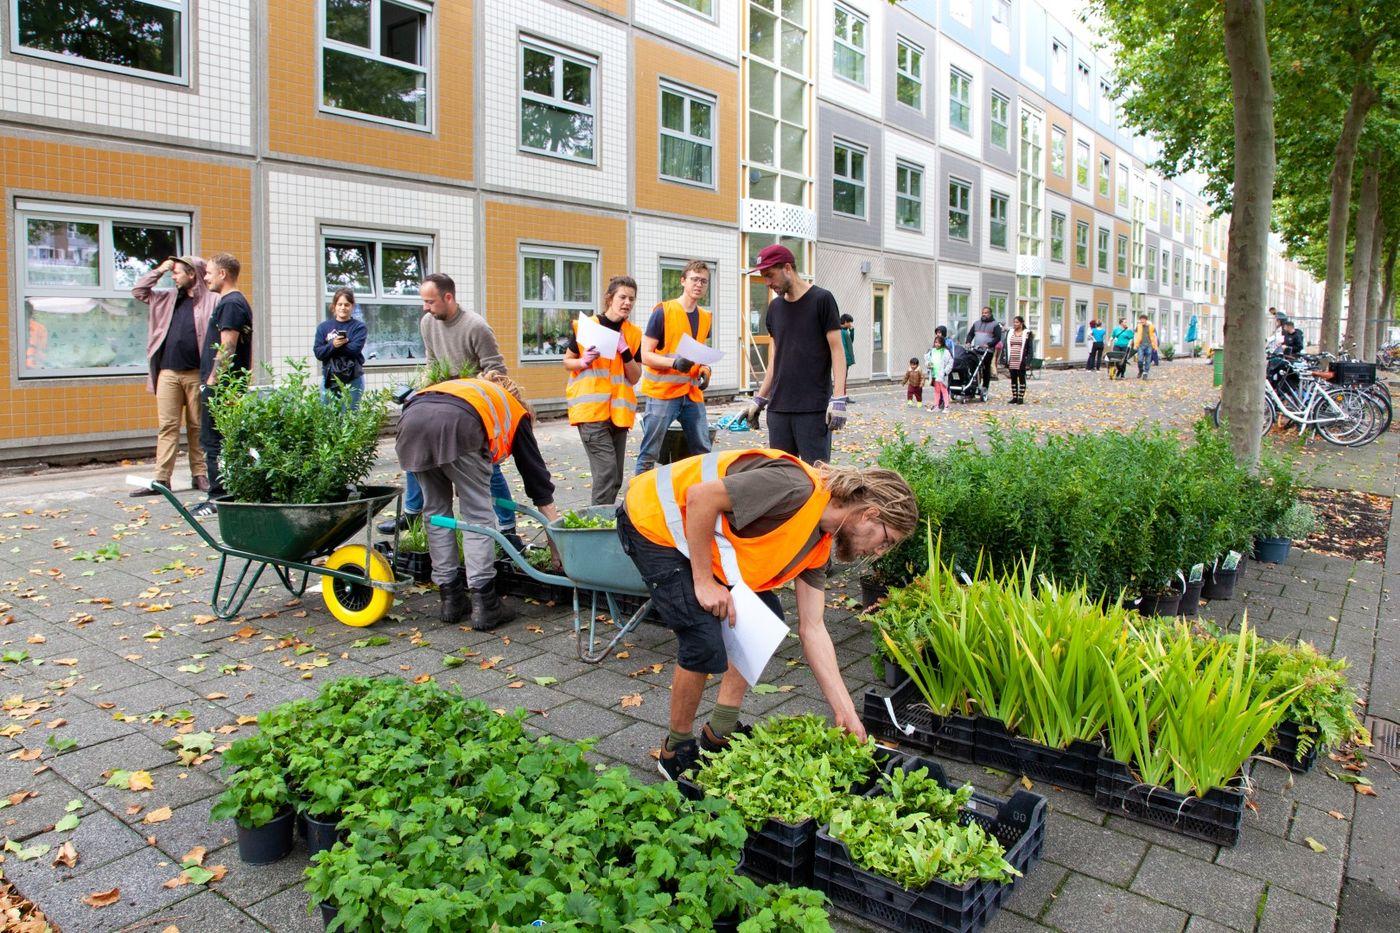 Cum reușesc orașele olandeze să creeze mai multe spații verzi?